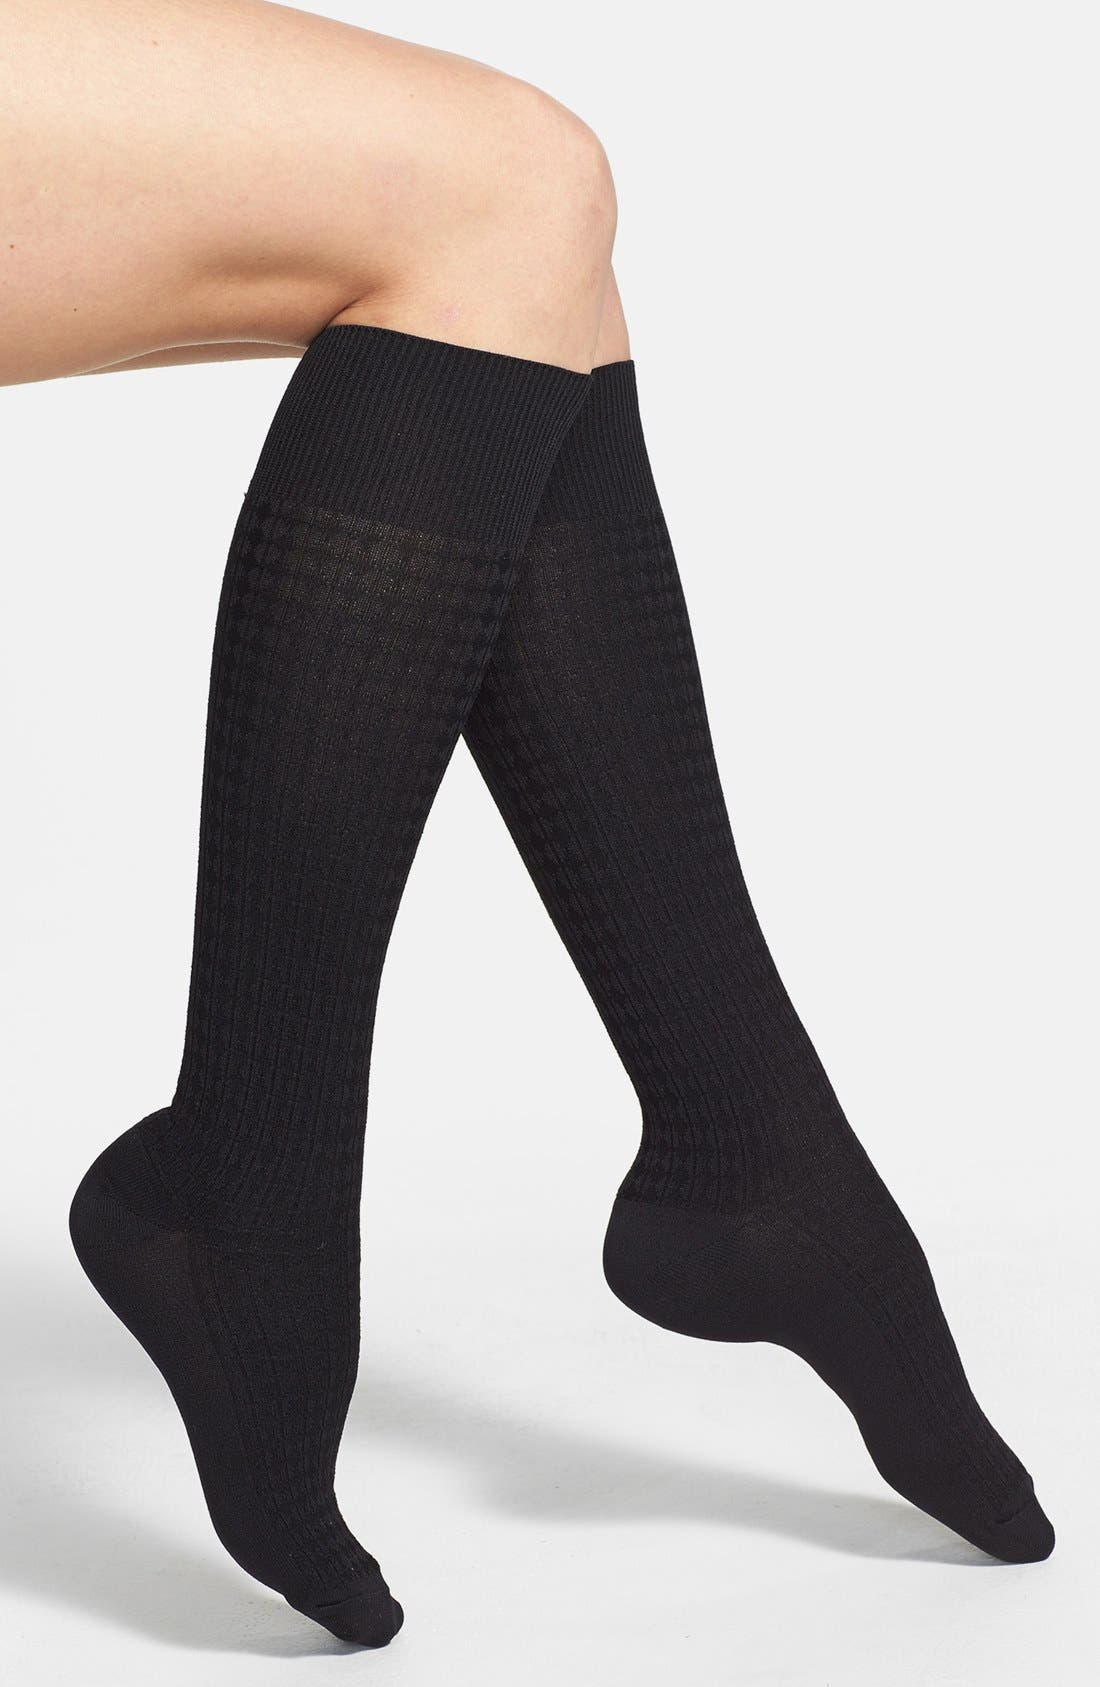 Main Image - Nordstrom Windowpane' Trouser Socks